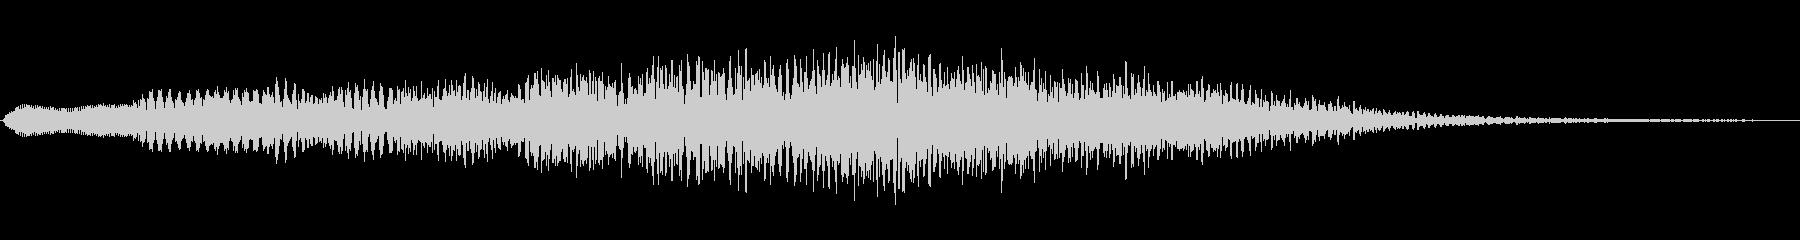 ジングル101aの未再生の波形